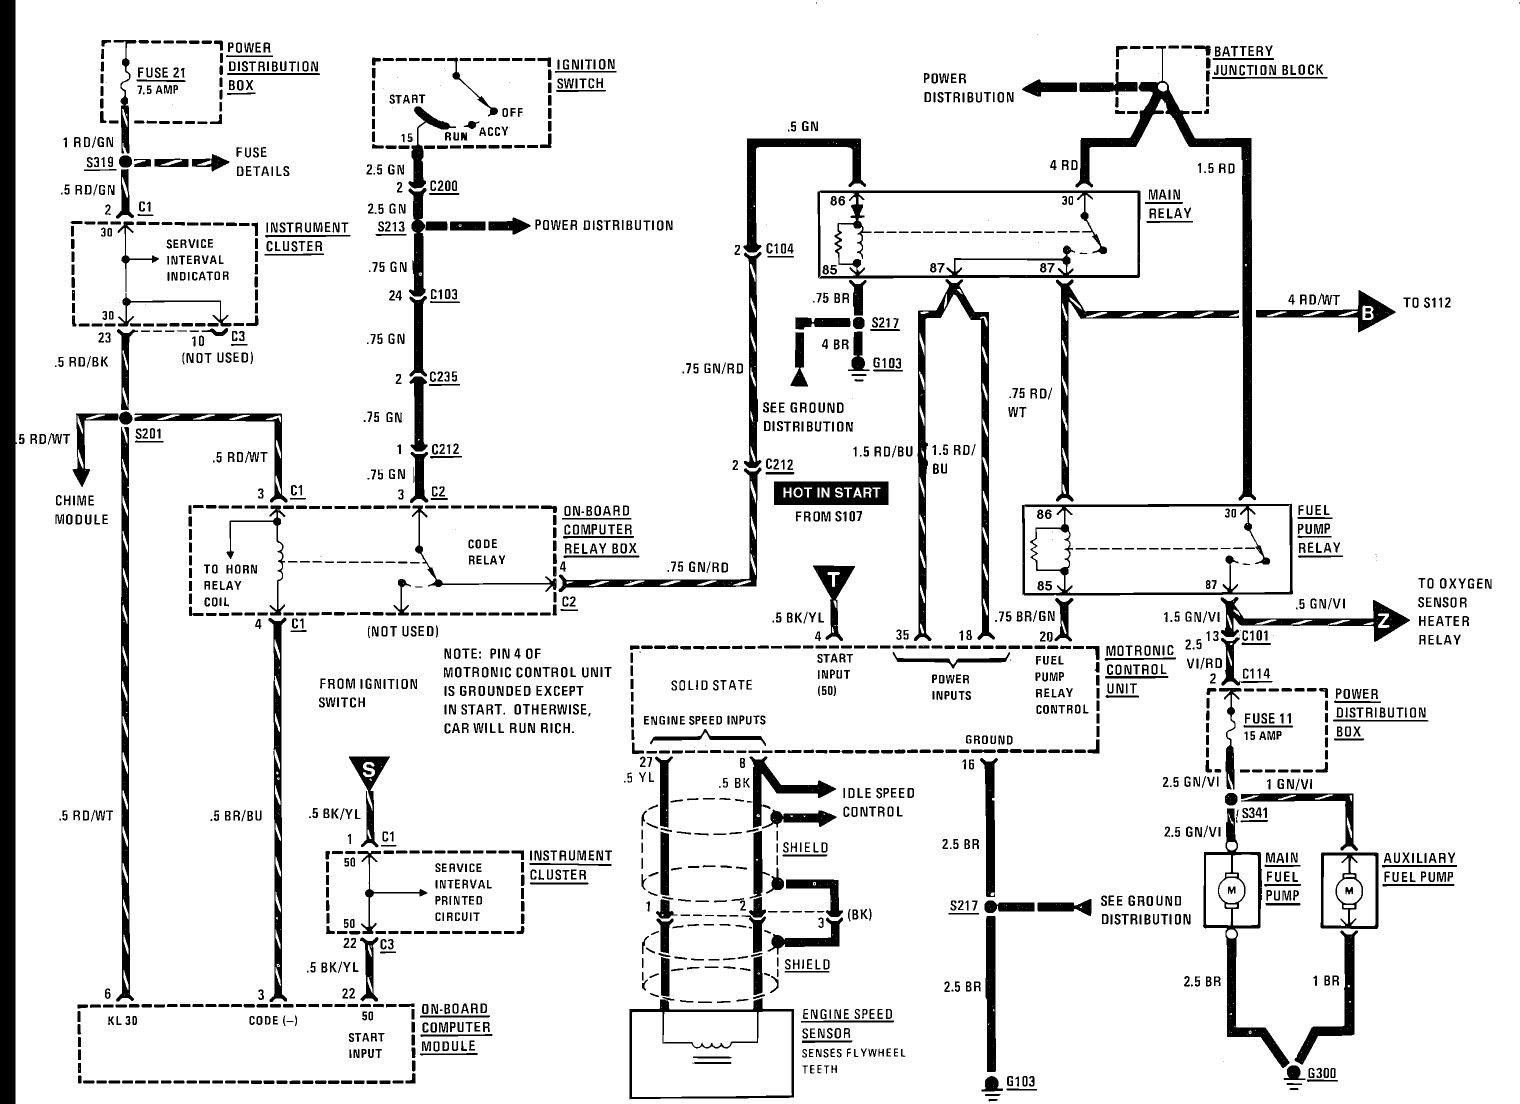 hight resolution of bmw x5 wiring diagram 3 bmw x5 e53 3d pinterest bmw bmw x5 i rh pinterest com bmw x5 stereo wiring diagram bmw x5 trailer wiring diagram